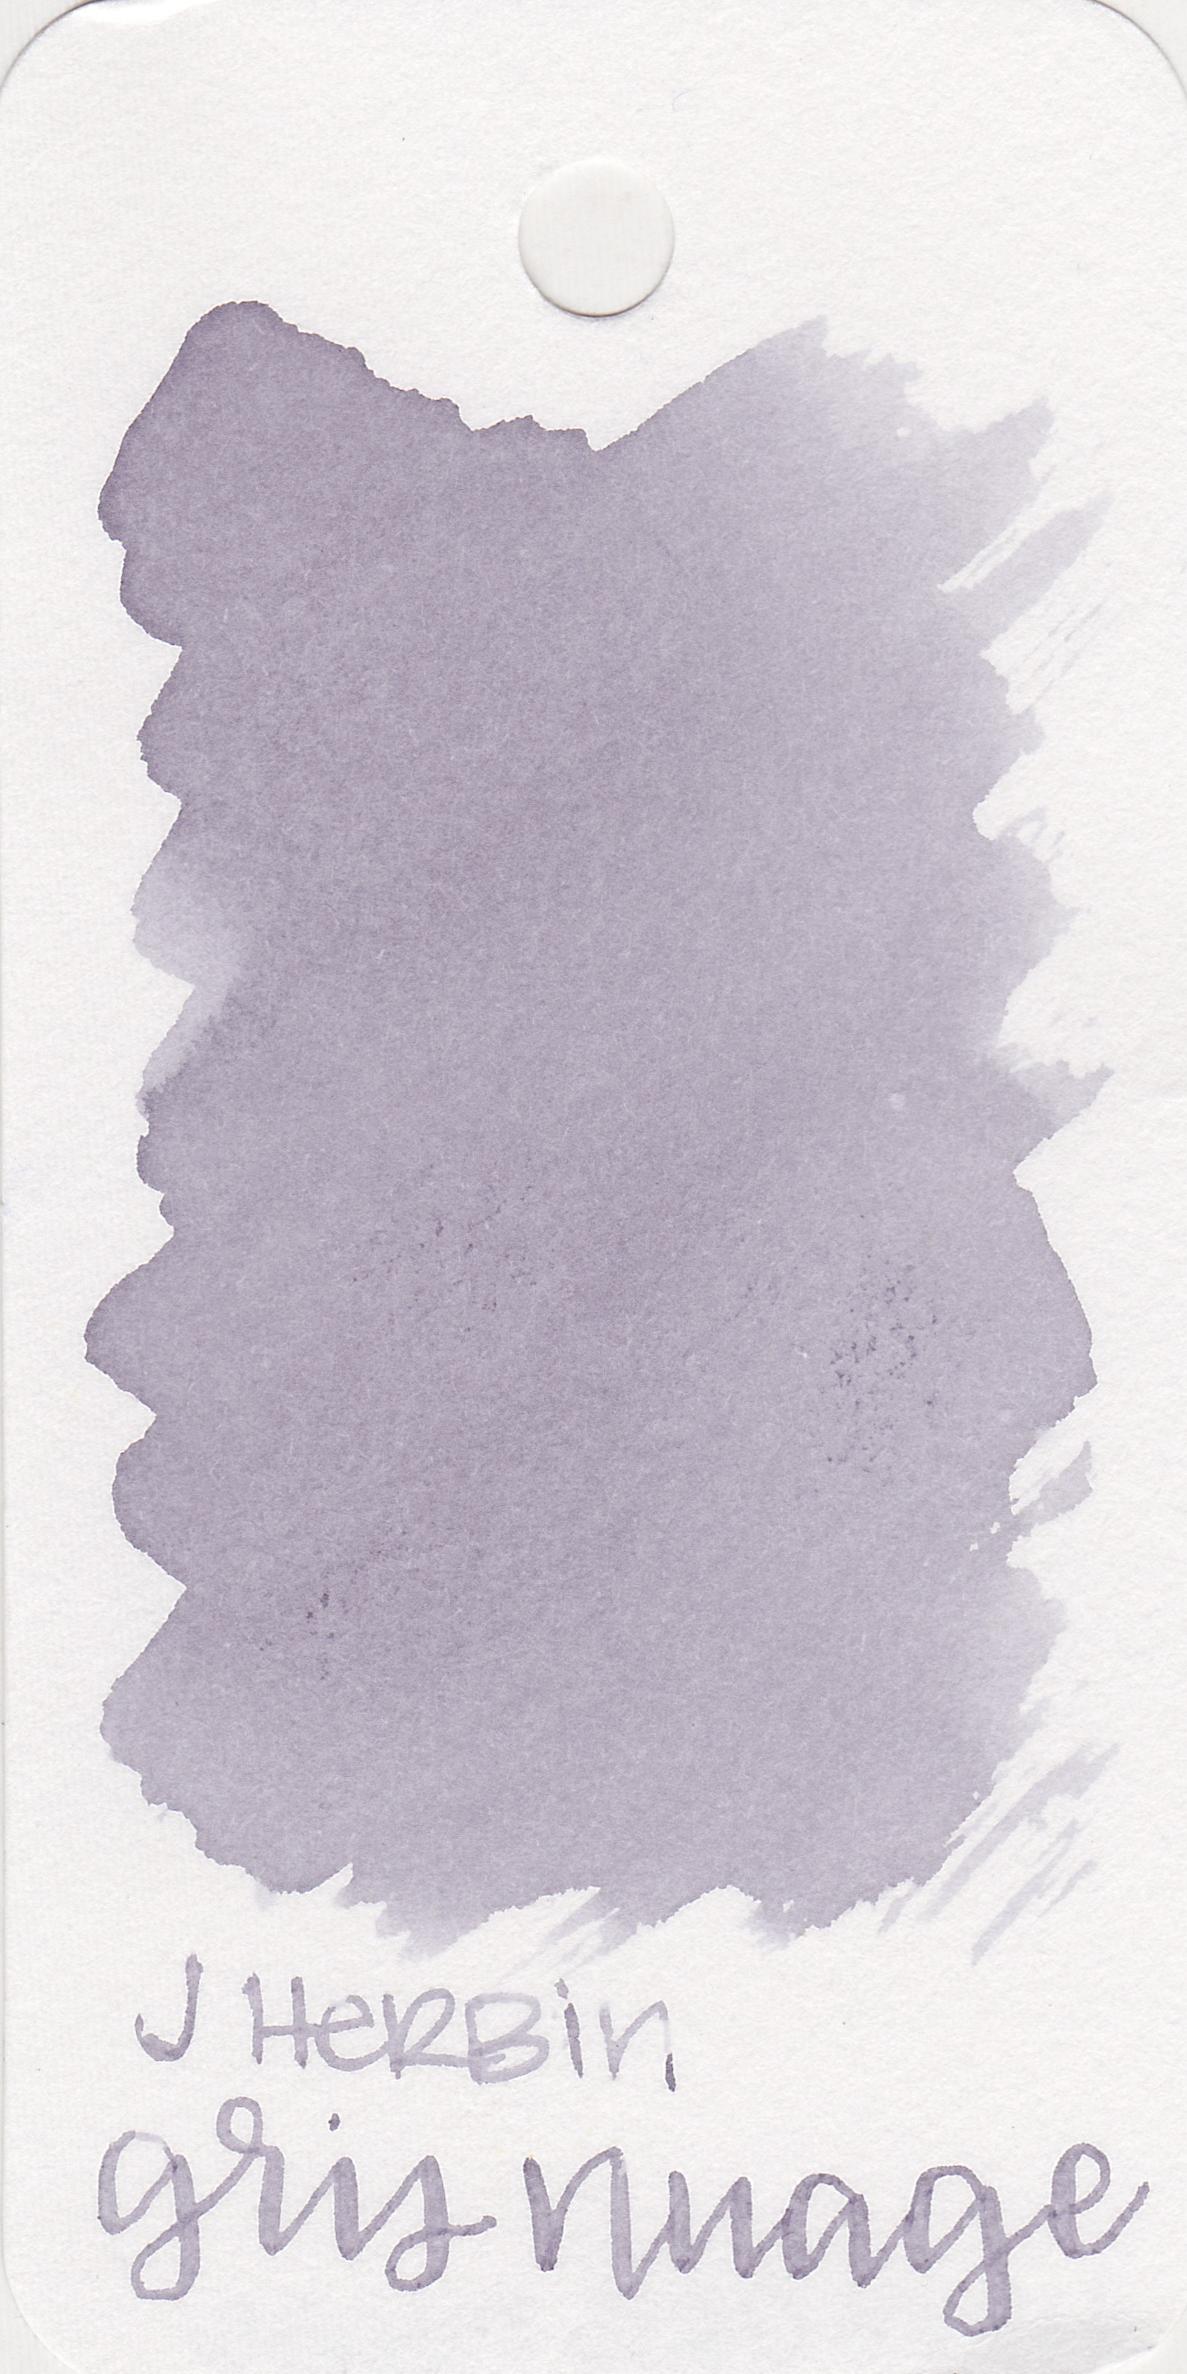 jh-gris-nuage-1.jpg